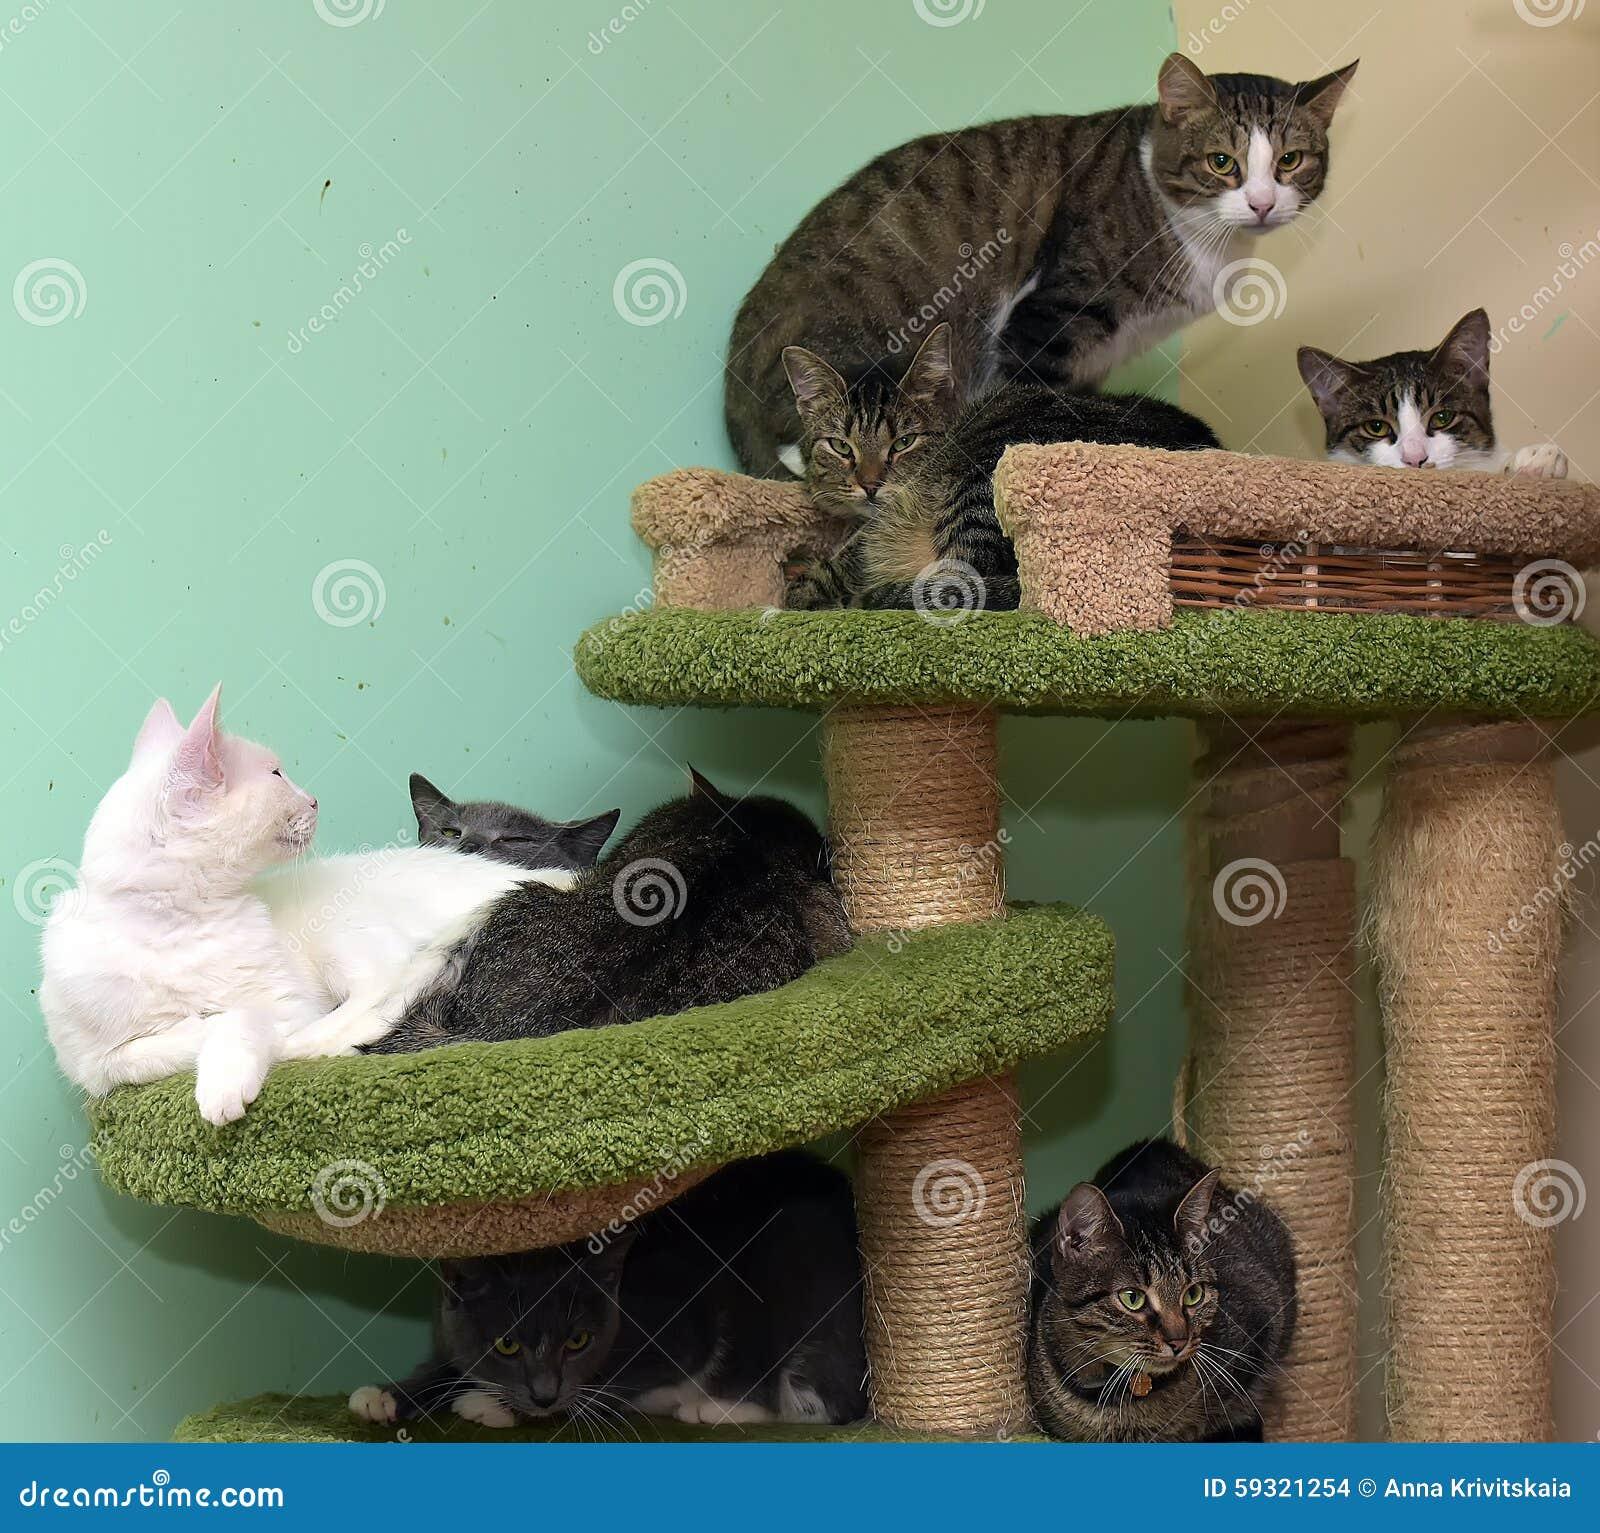 f66cf888e293 Γάτες μαζί στο χαλί στο ζωικό καταφύγιο στην παιδική χαρά για τις γάτες